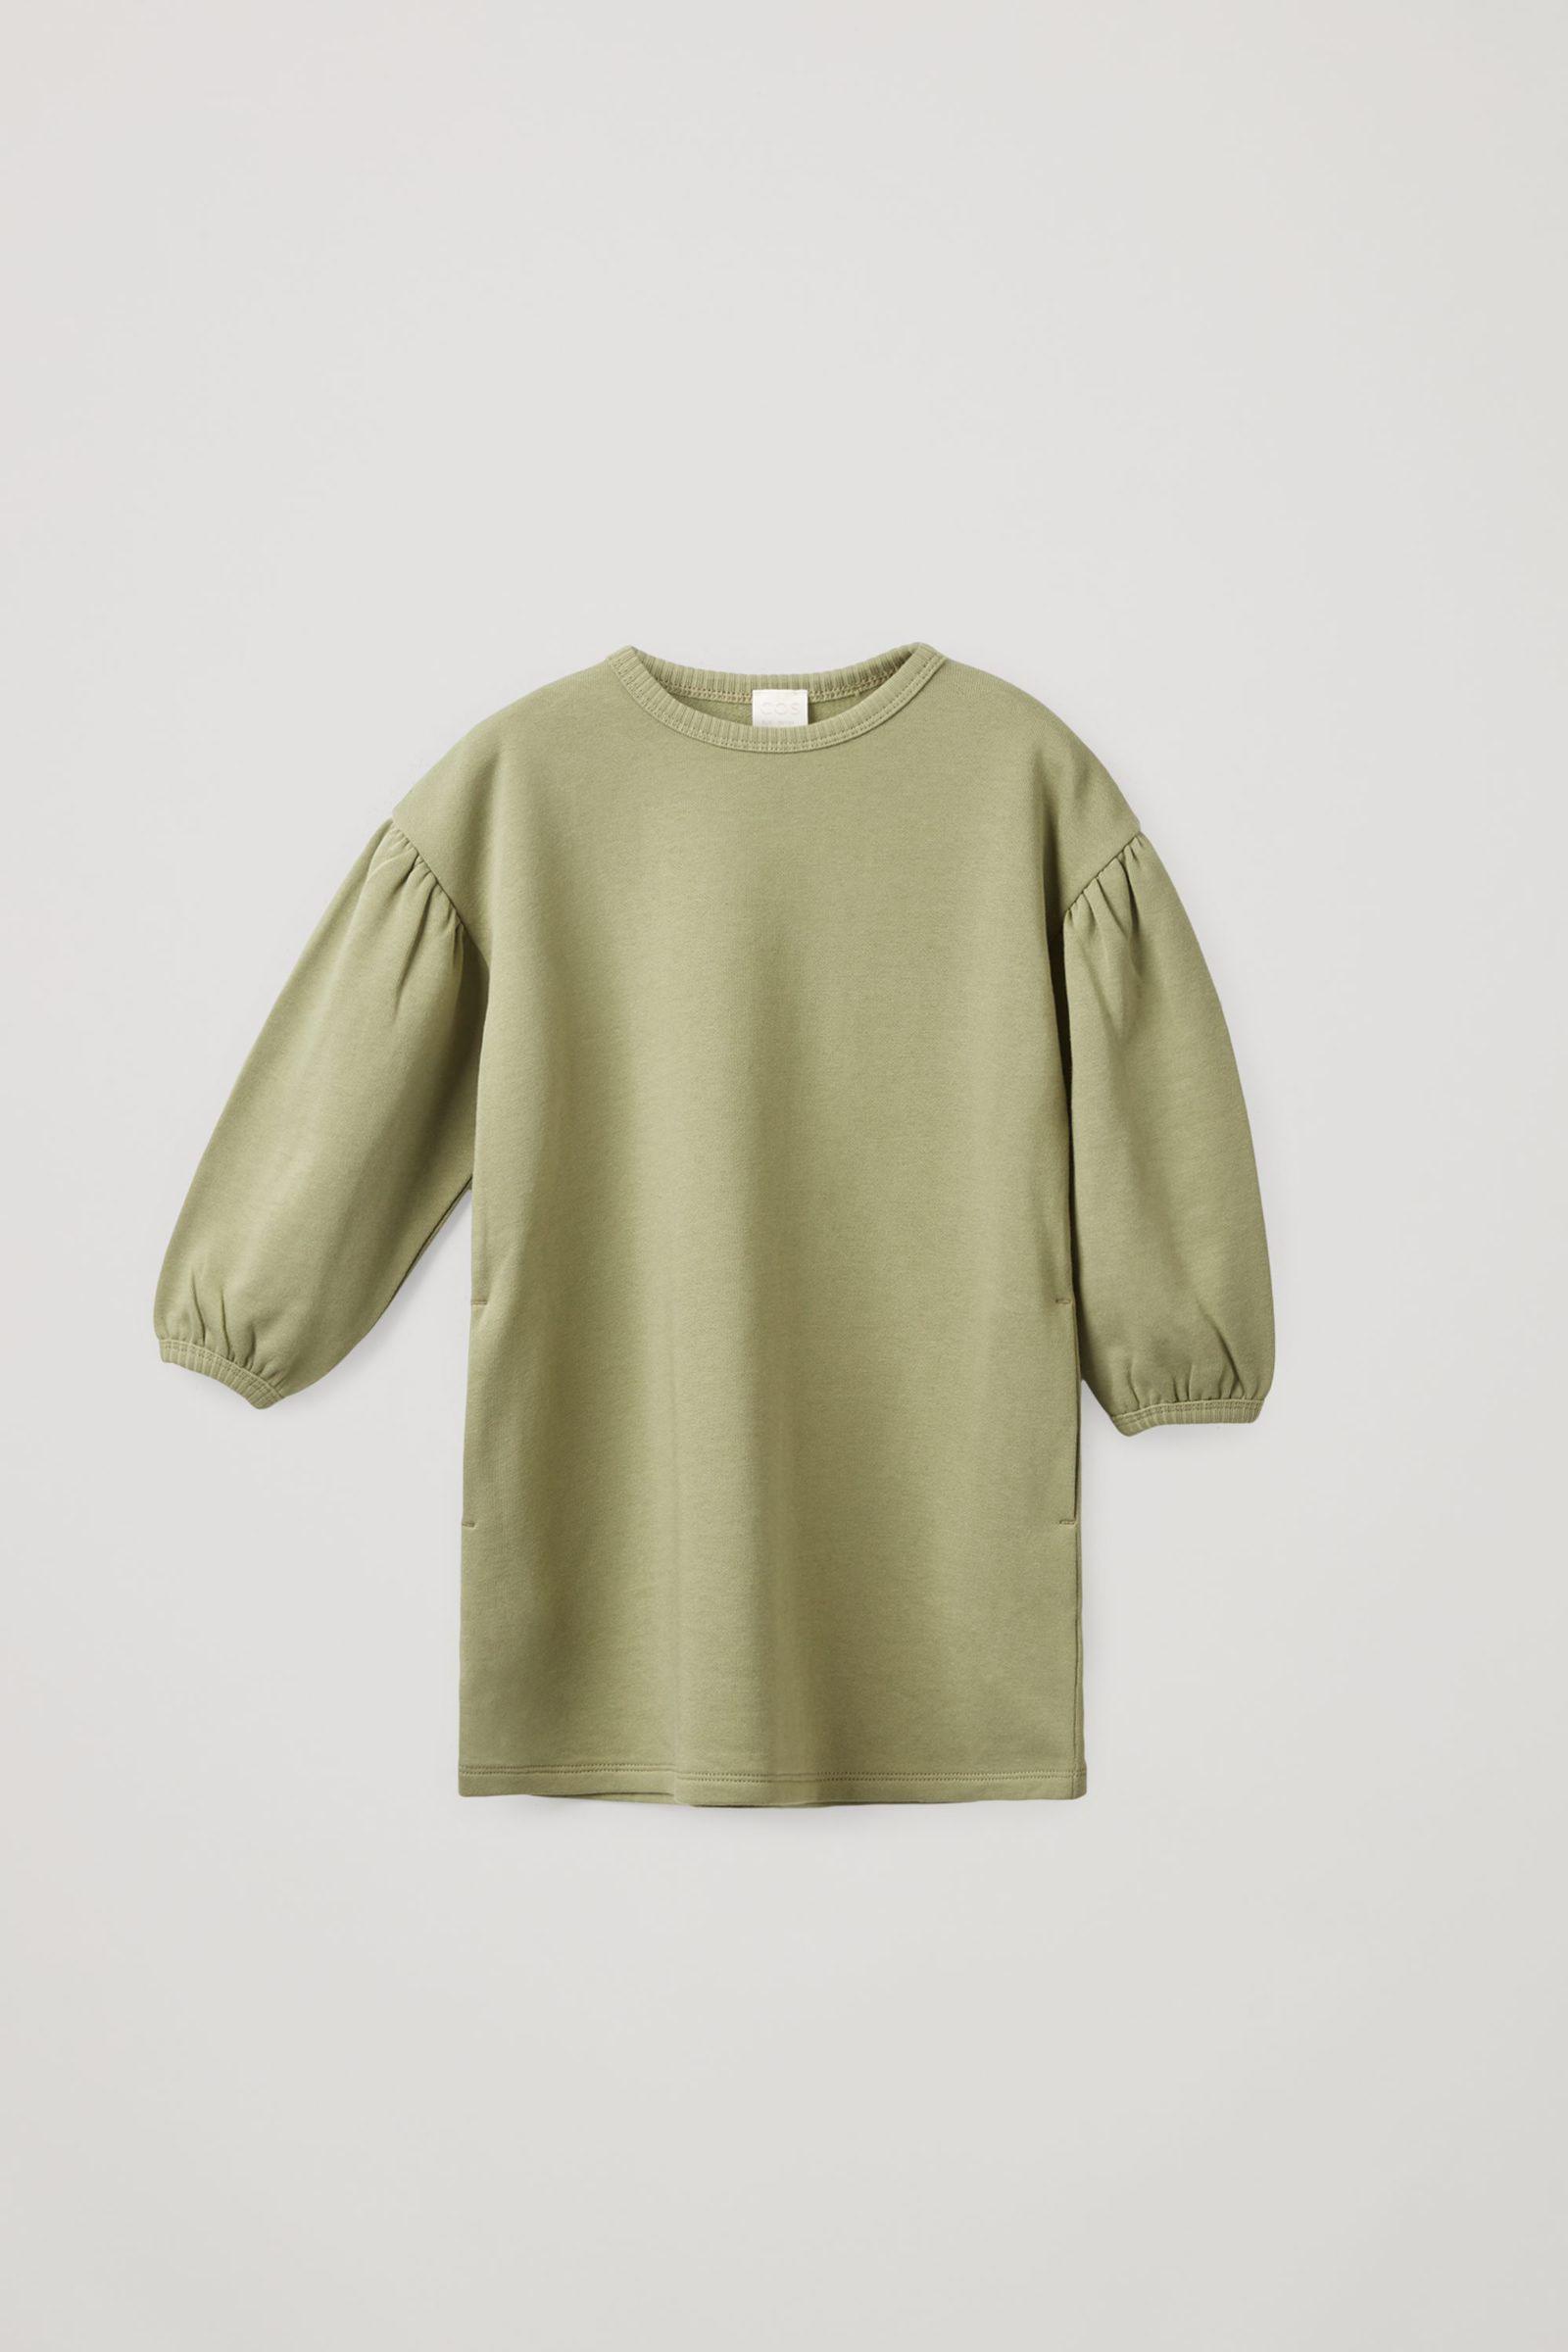 COS 오가닉 코튼 개더드 벌룬 슬리브 드레스의 카키컬러 Product입니다.